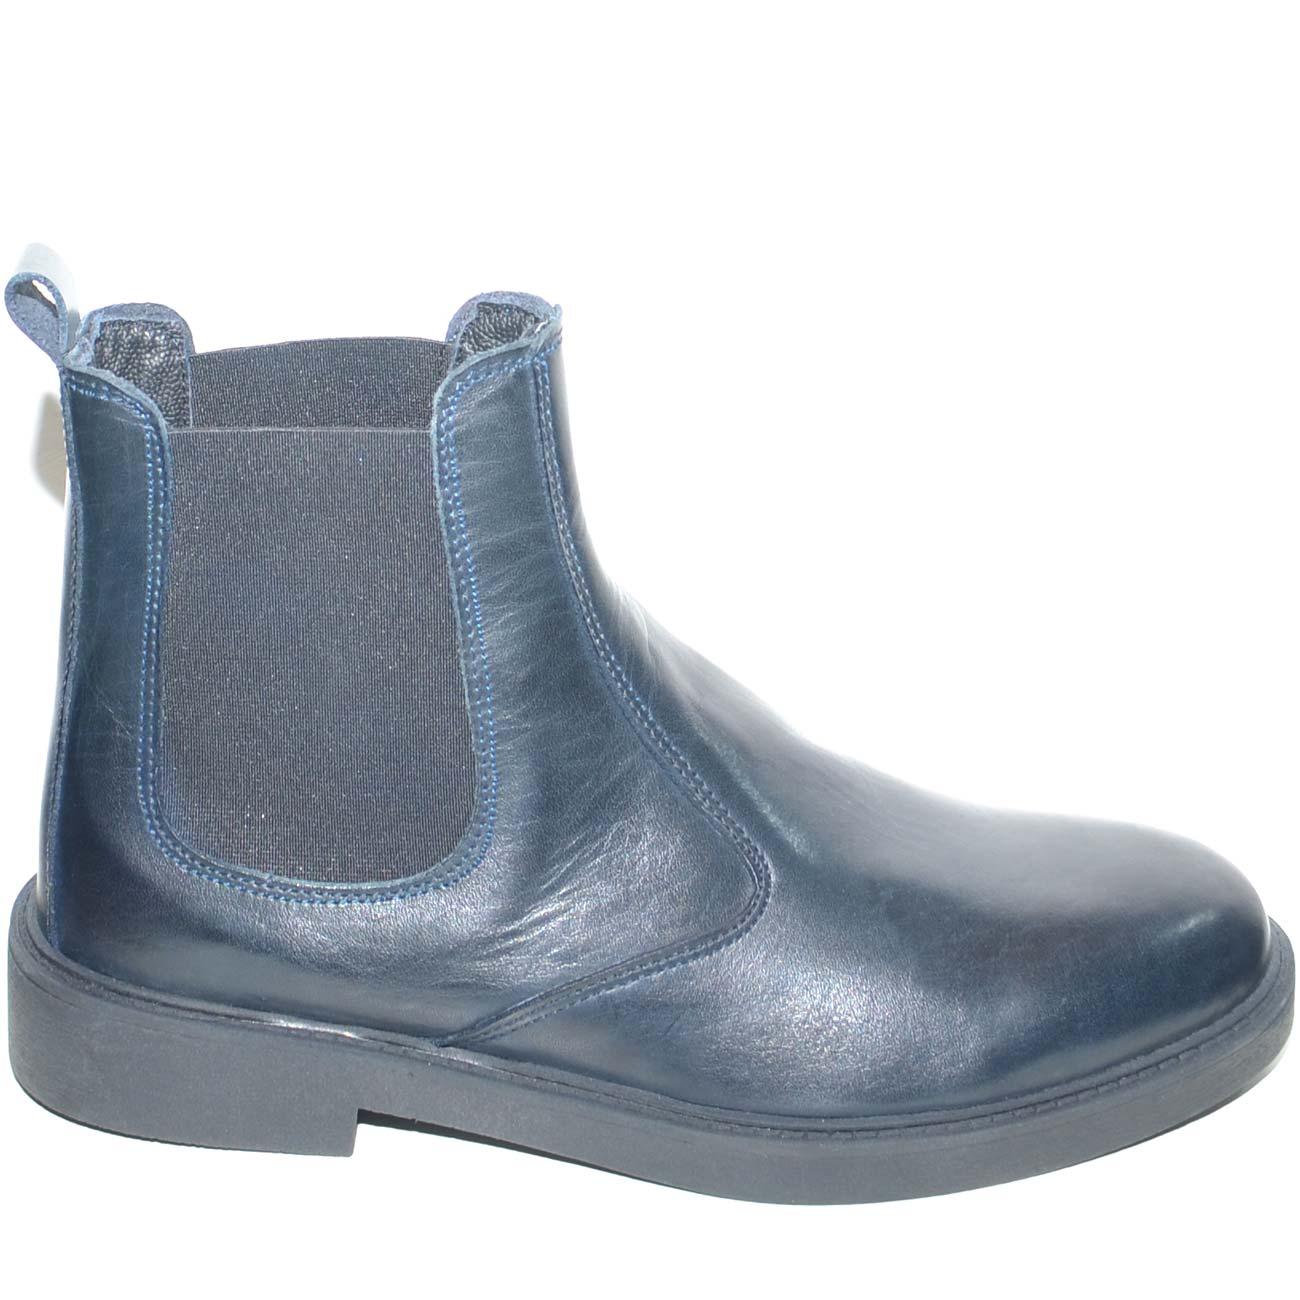 77db871d13 Beatles uomo stivaletto inglese vera pelle spazzolata in vitello blu fondo  ultralight in gomma scarpe da professionista uomo beatles made in italy |  ...